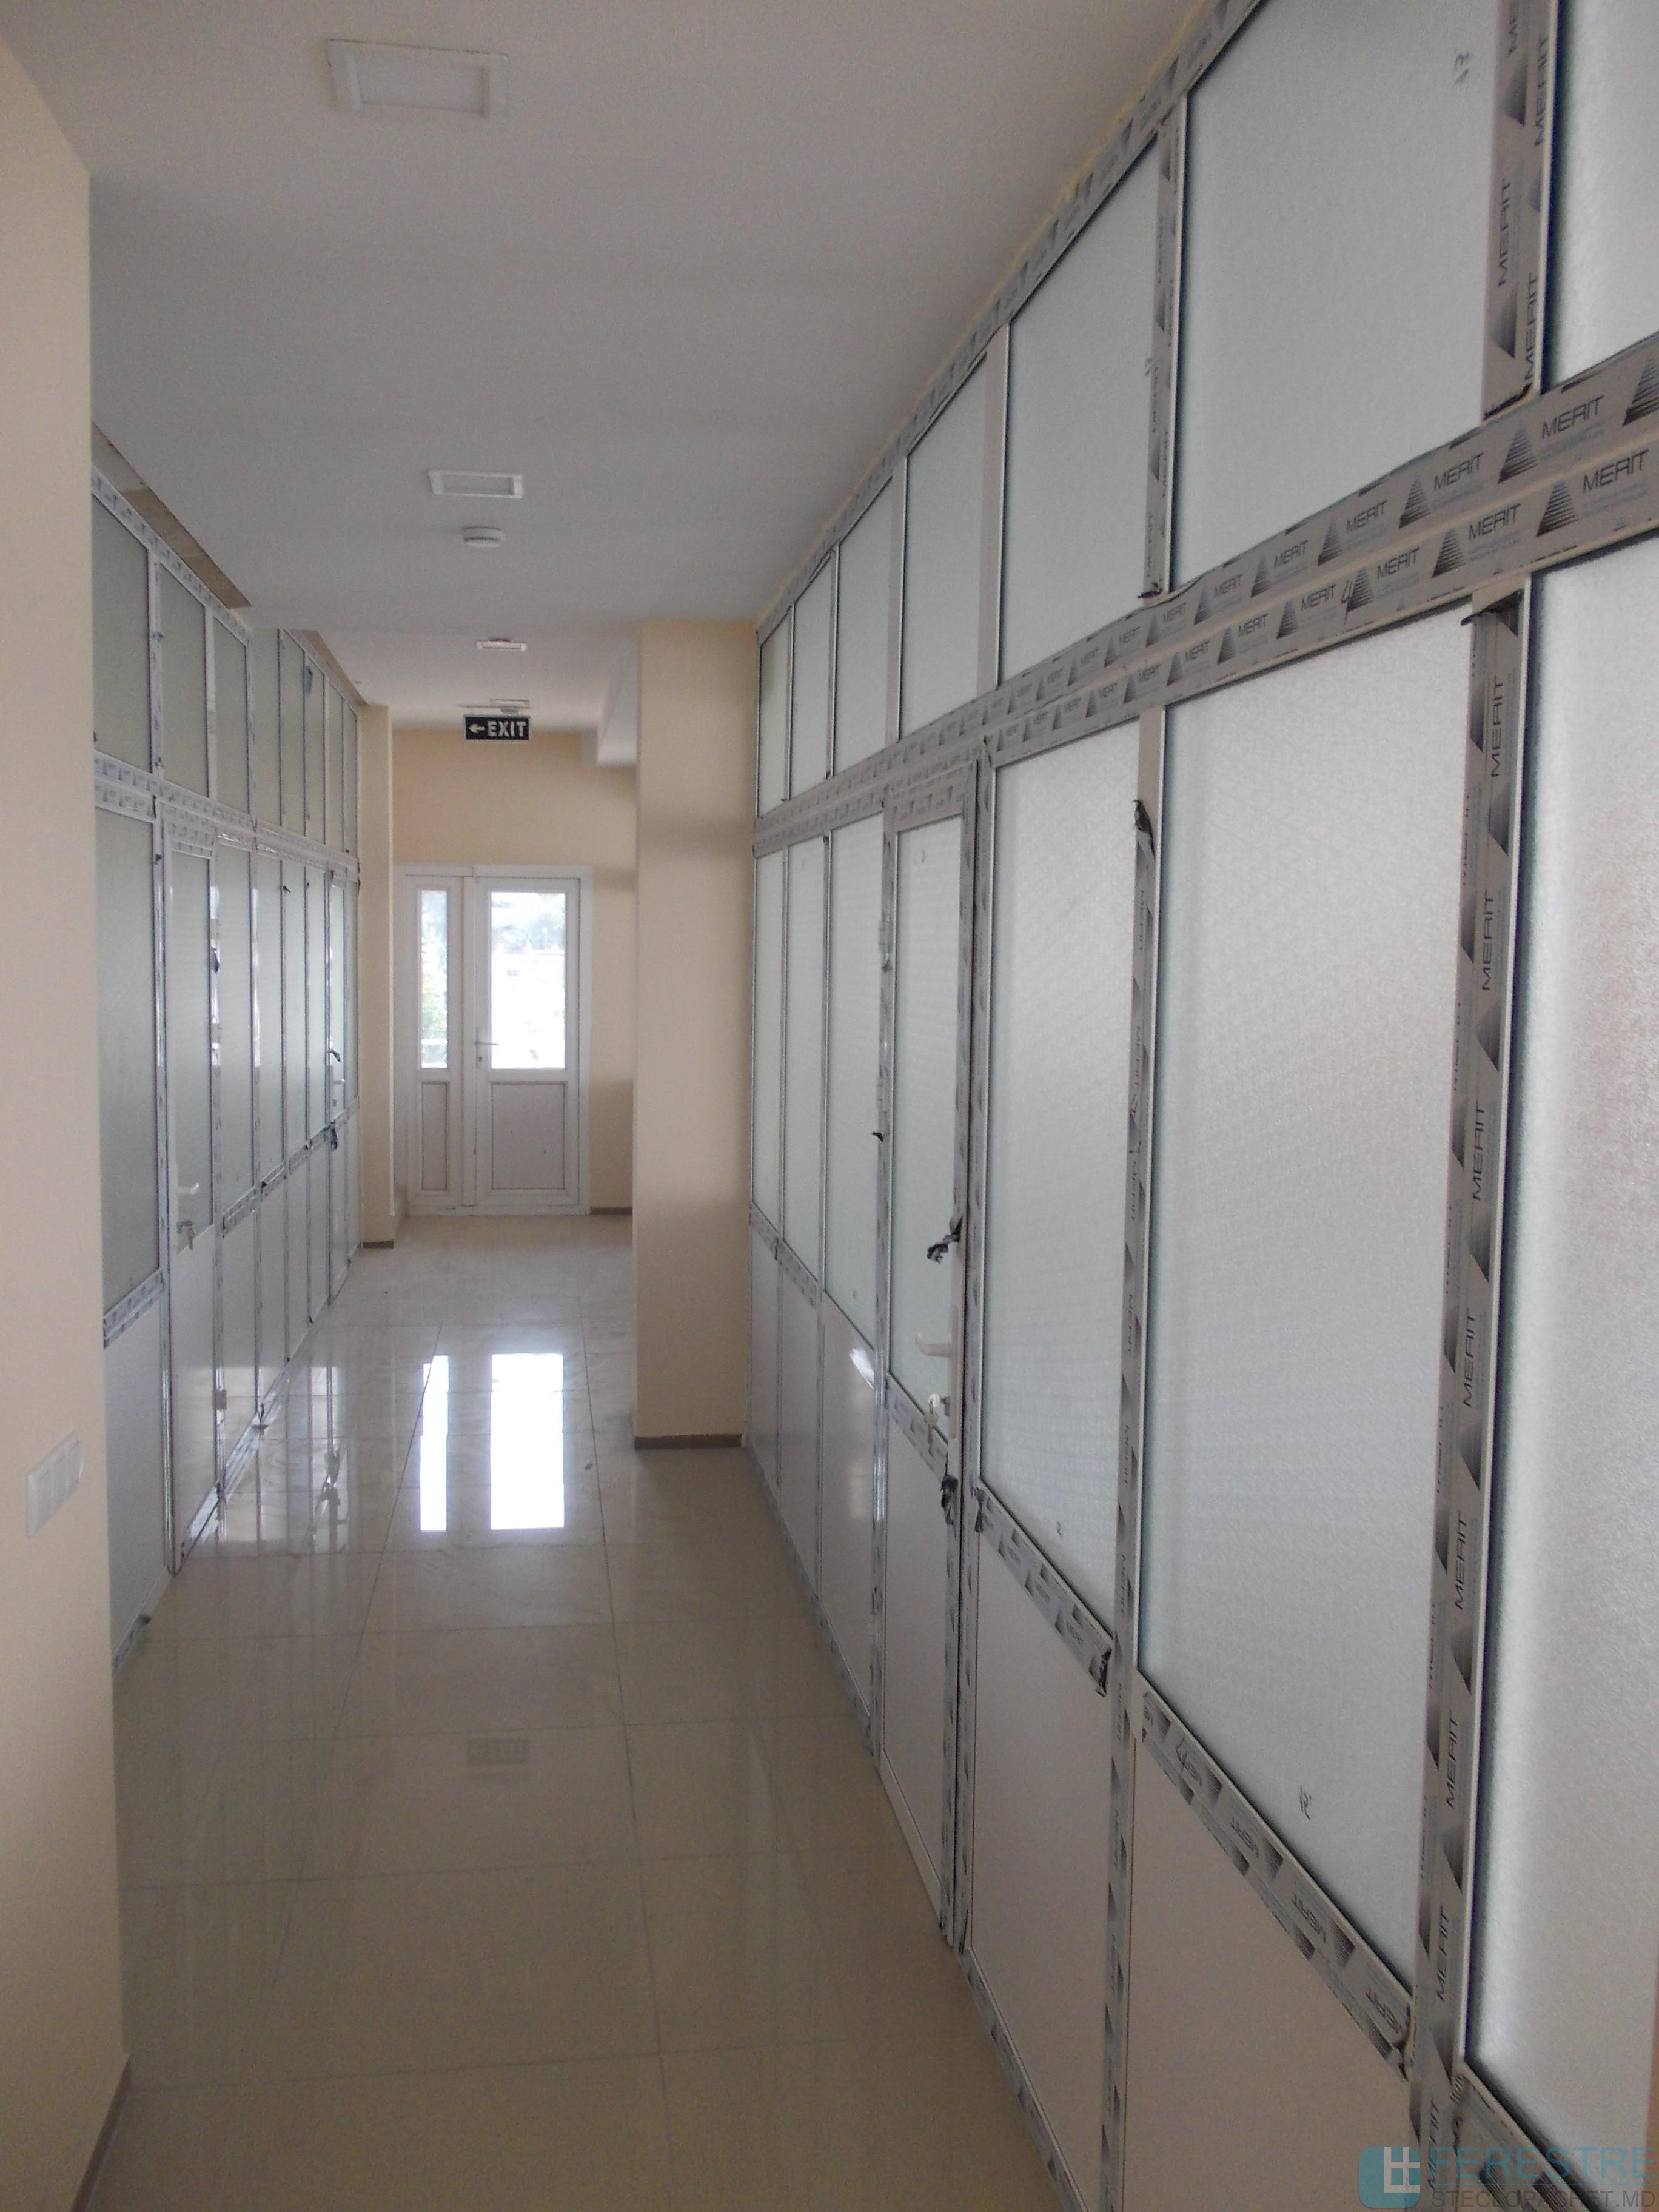 Principalele avantaje ale peretilor despartitori PVC pentru casa ta sau birou Disponibilitate, estetica ridicata, instalare usoara, ecologic!